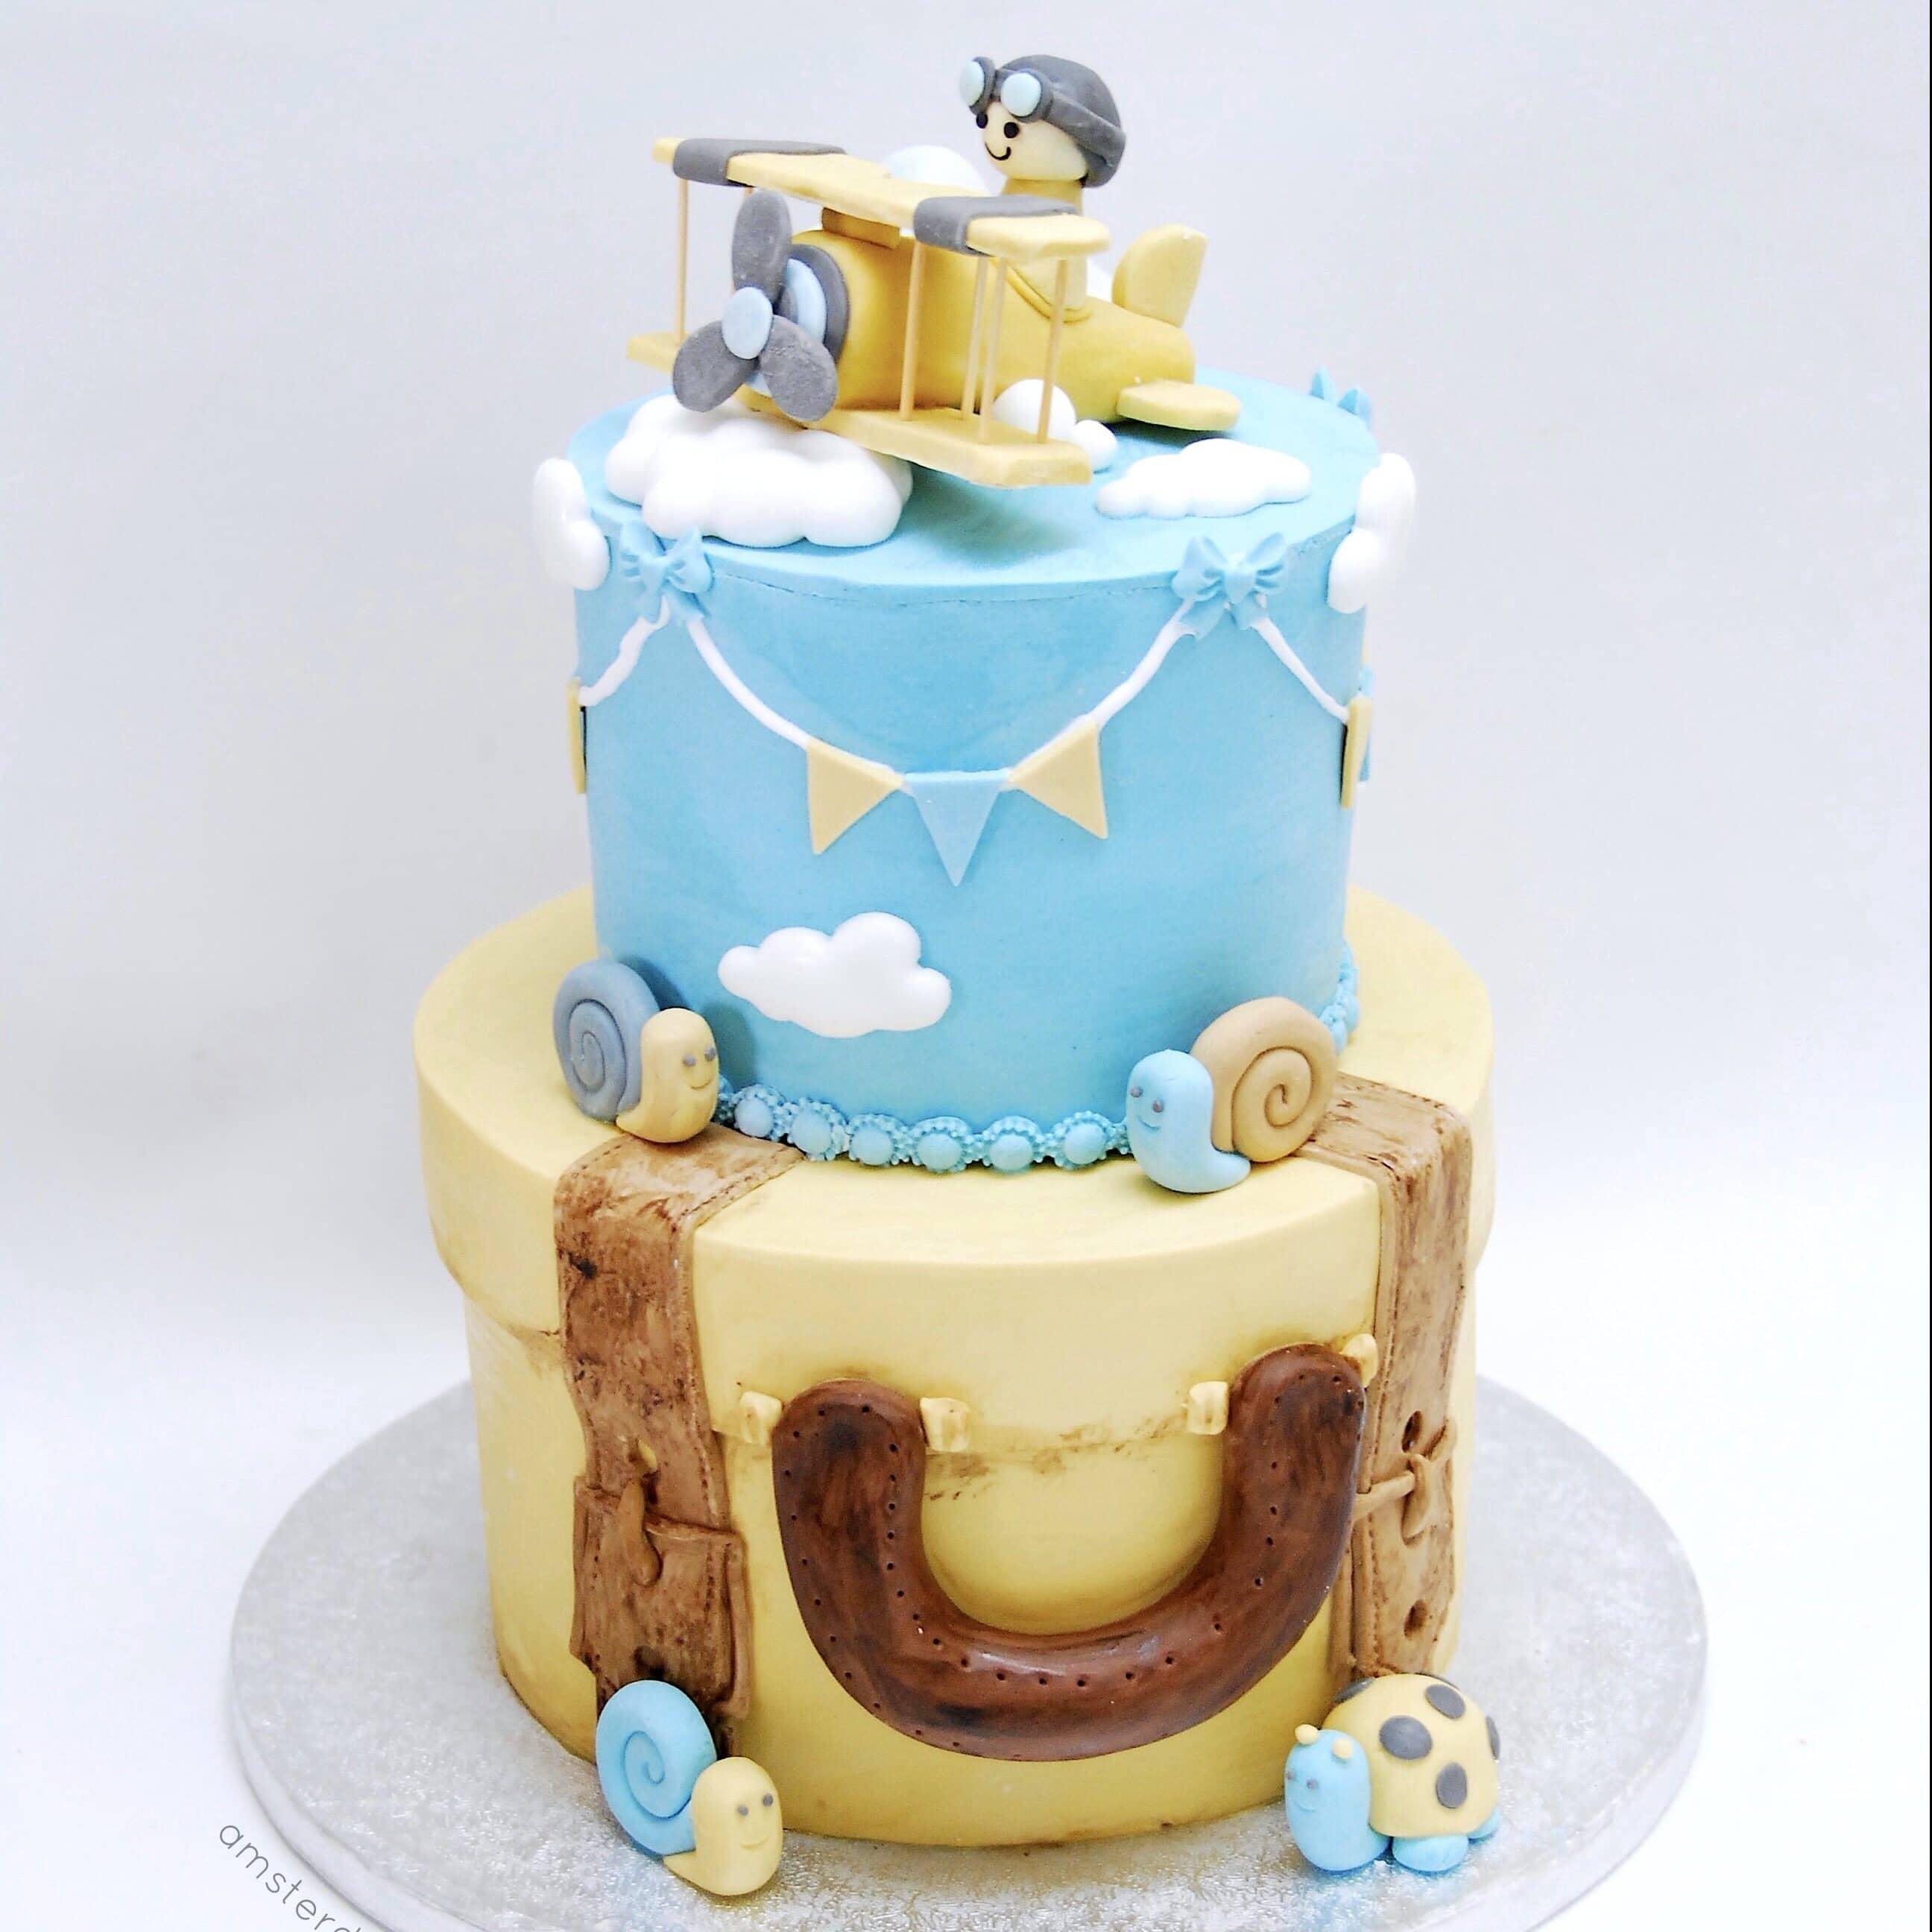 around the world taarten, wereldtaarten, op reis taarten, landentaarten, world cakes, travel cakes, reistaart, transporttaart, transport cakes. Vliegtuigtaart, airplane cakes, bus cakes, bus taarten, autotaarten, autotaart, car cake, order car cake, autotaarten bestellen, motorbike cake, motor cake, motortaart, motor taart, scootertaart, scooter cake, vervoerstaarten, Cupcakes, Cakes, cakes amsterdam, cake shop amsterdam, cupcake winkel amsterdam, taart amsterdam kopen, red velvet amsterdam, red velvet kopen, birthday cake amsterdam, verjaardagstaart amsterdam, red velvet cake, red velvet taart, american red velvet amsterdam, red velvet cake amsterdam, red velvet cake bestellen, wedding cake, bruidstaart, thema taart, theme cake, customized cake, corporate cake, big cake amsterdam, grote taart bestelling, stapeltaart bestellen, gender reveal cake amsterdam, gender reveal taart amsterdam, birthdayparty cake, kinderfeestje traktatie, , online taarten winkel, online taarten kopen, online taarten bestellen, webshop cakes, order cakes online, bakery amsterdam, amsterdam bakkerij, american bakery amsterdam, cheesecake kopen, cheesecake bestellen, red velvet cheesecake, birthdayparty cake, cupcake amsterdam, cupcakes kopen, cupcakes bestellen, online cupcake winkel, online cupcakes kopen, online cupcakes bestellen, webshop cupcakes, order cupcakes online, bakery amsterdam, cakepops amsterdam, cakepop winkel amsterdam, cakepops bestellen, cupcakes traktatie, corporate cupcakes, corporate cake, corporate gift, zakelijke cupcakes, fair trade gebak, fair trade taart, fair trade cake, fair trade cupcakes